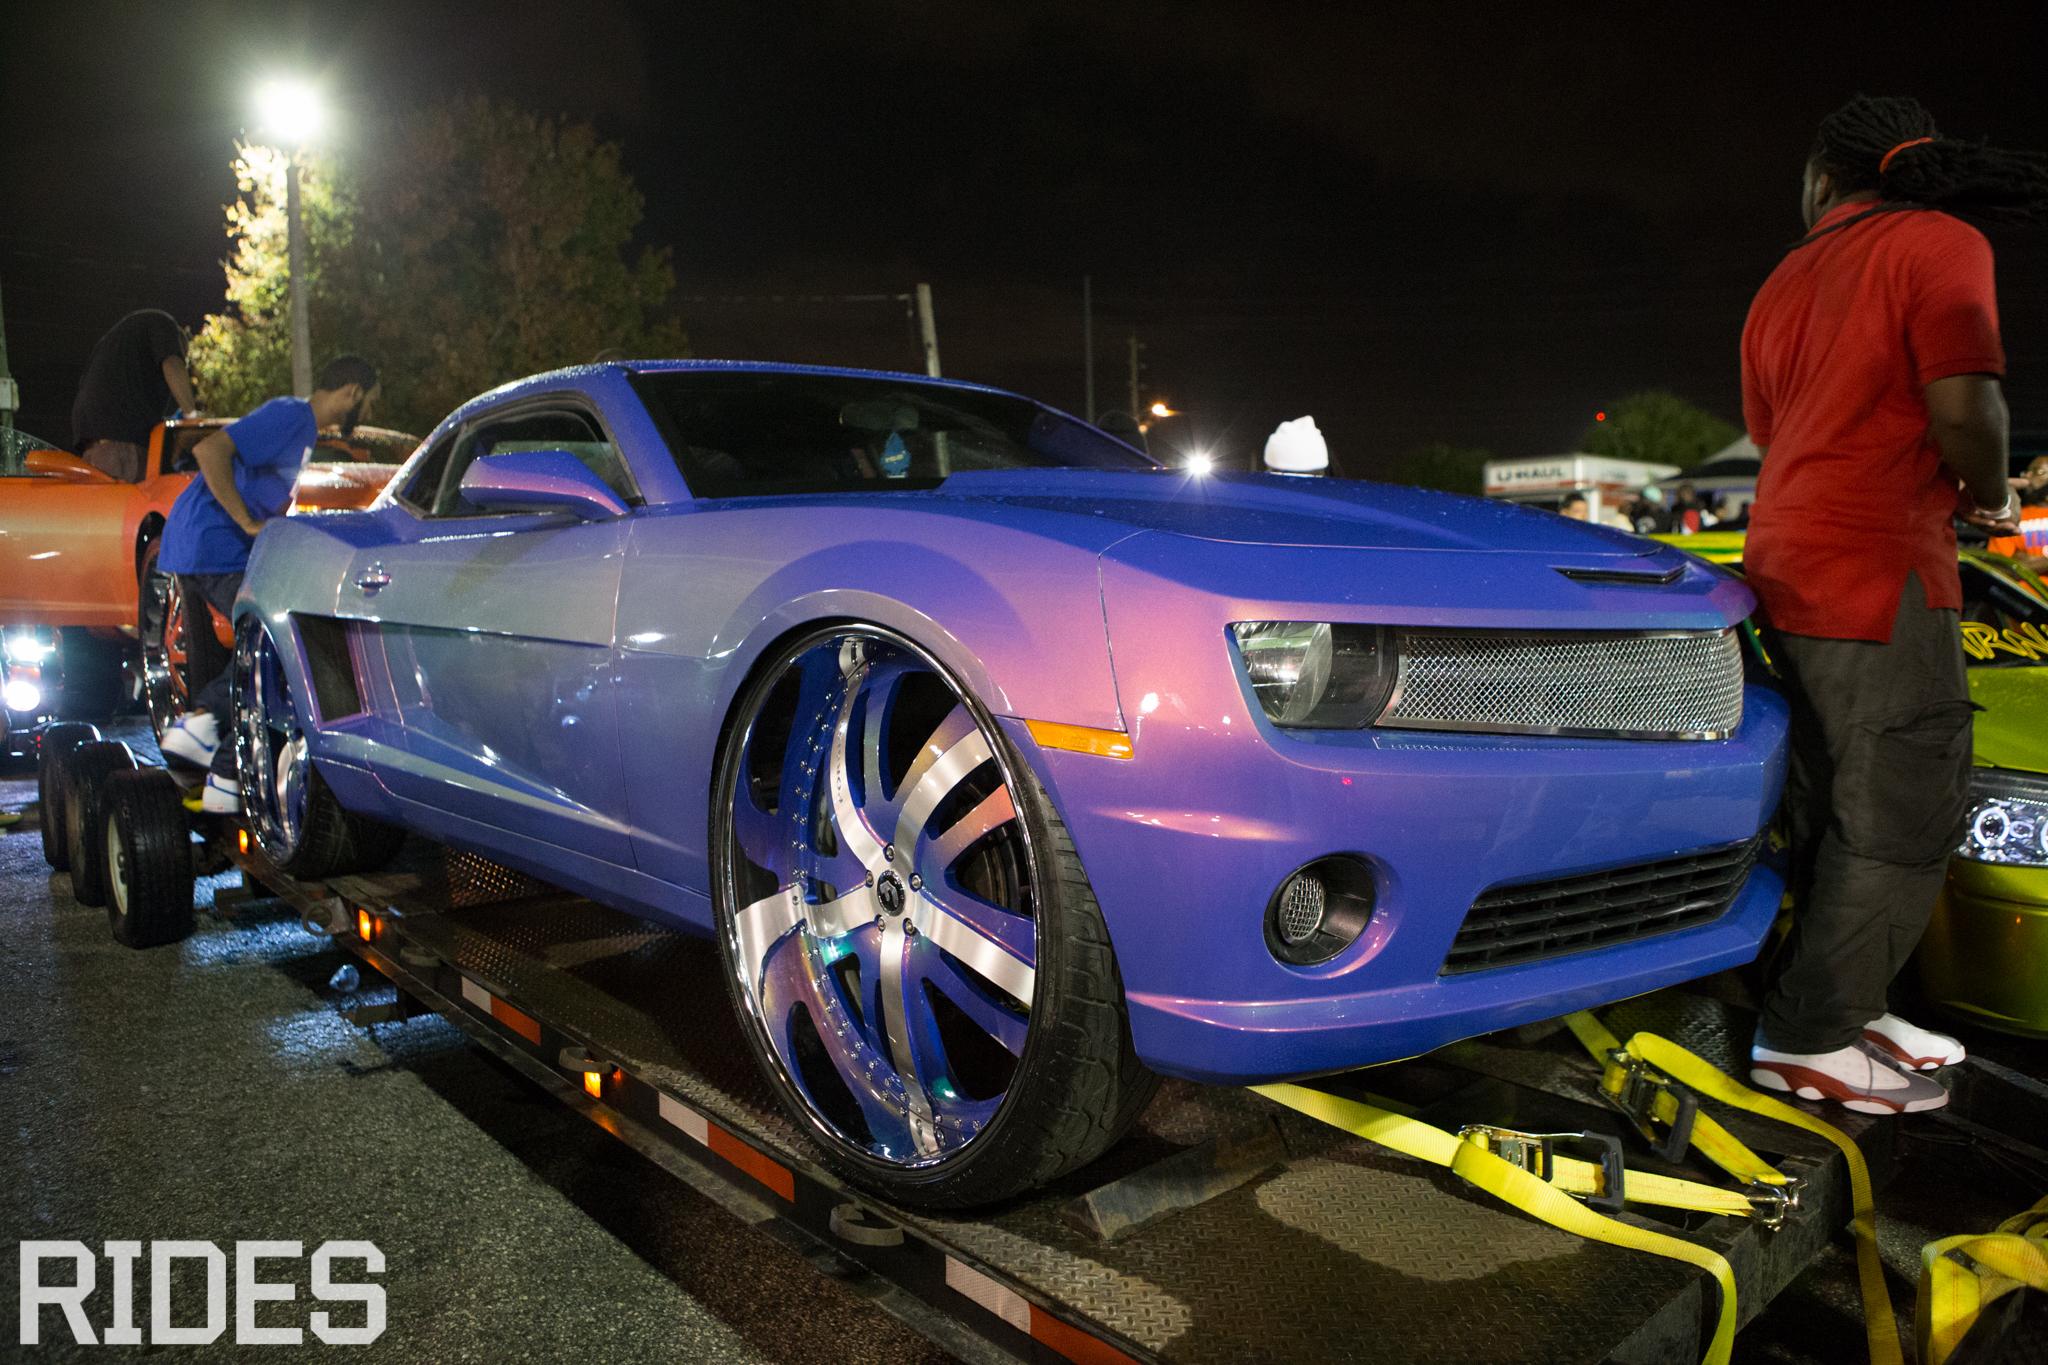 Orlando Rides Magazine - Car show florida